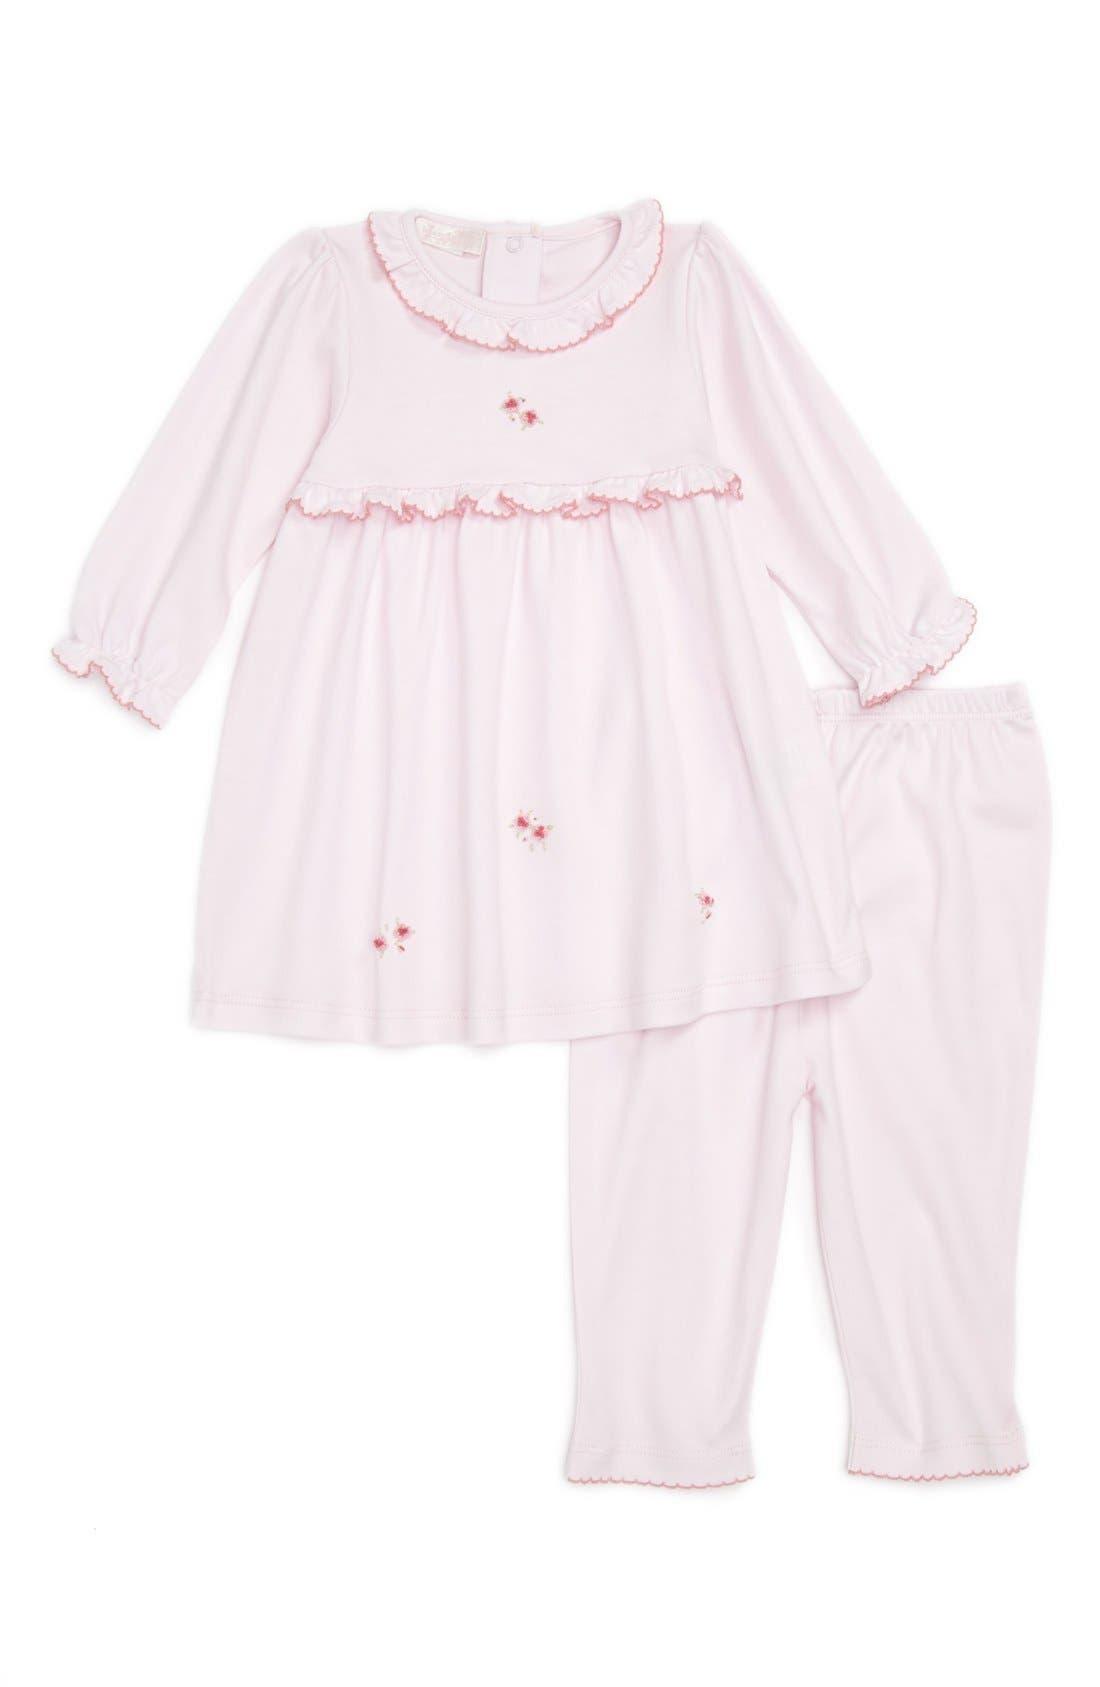 Alternate Image 1 Selected - Kissy Kissy 'Rose Petal' Dress & Leggings (Baby Girls)